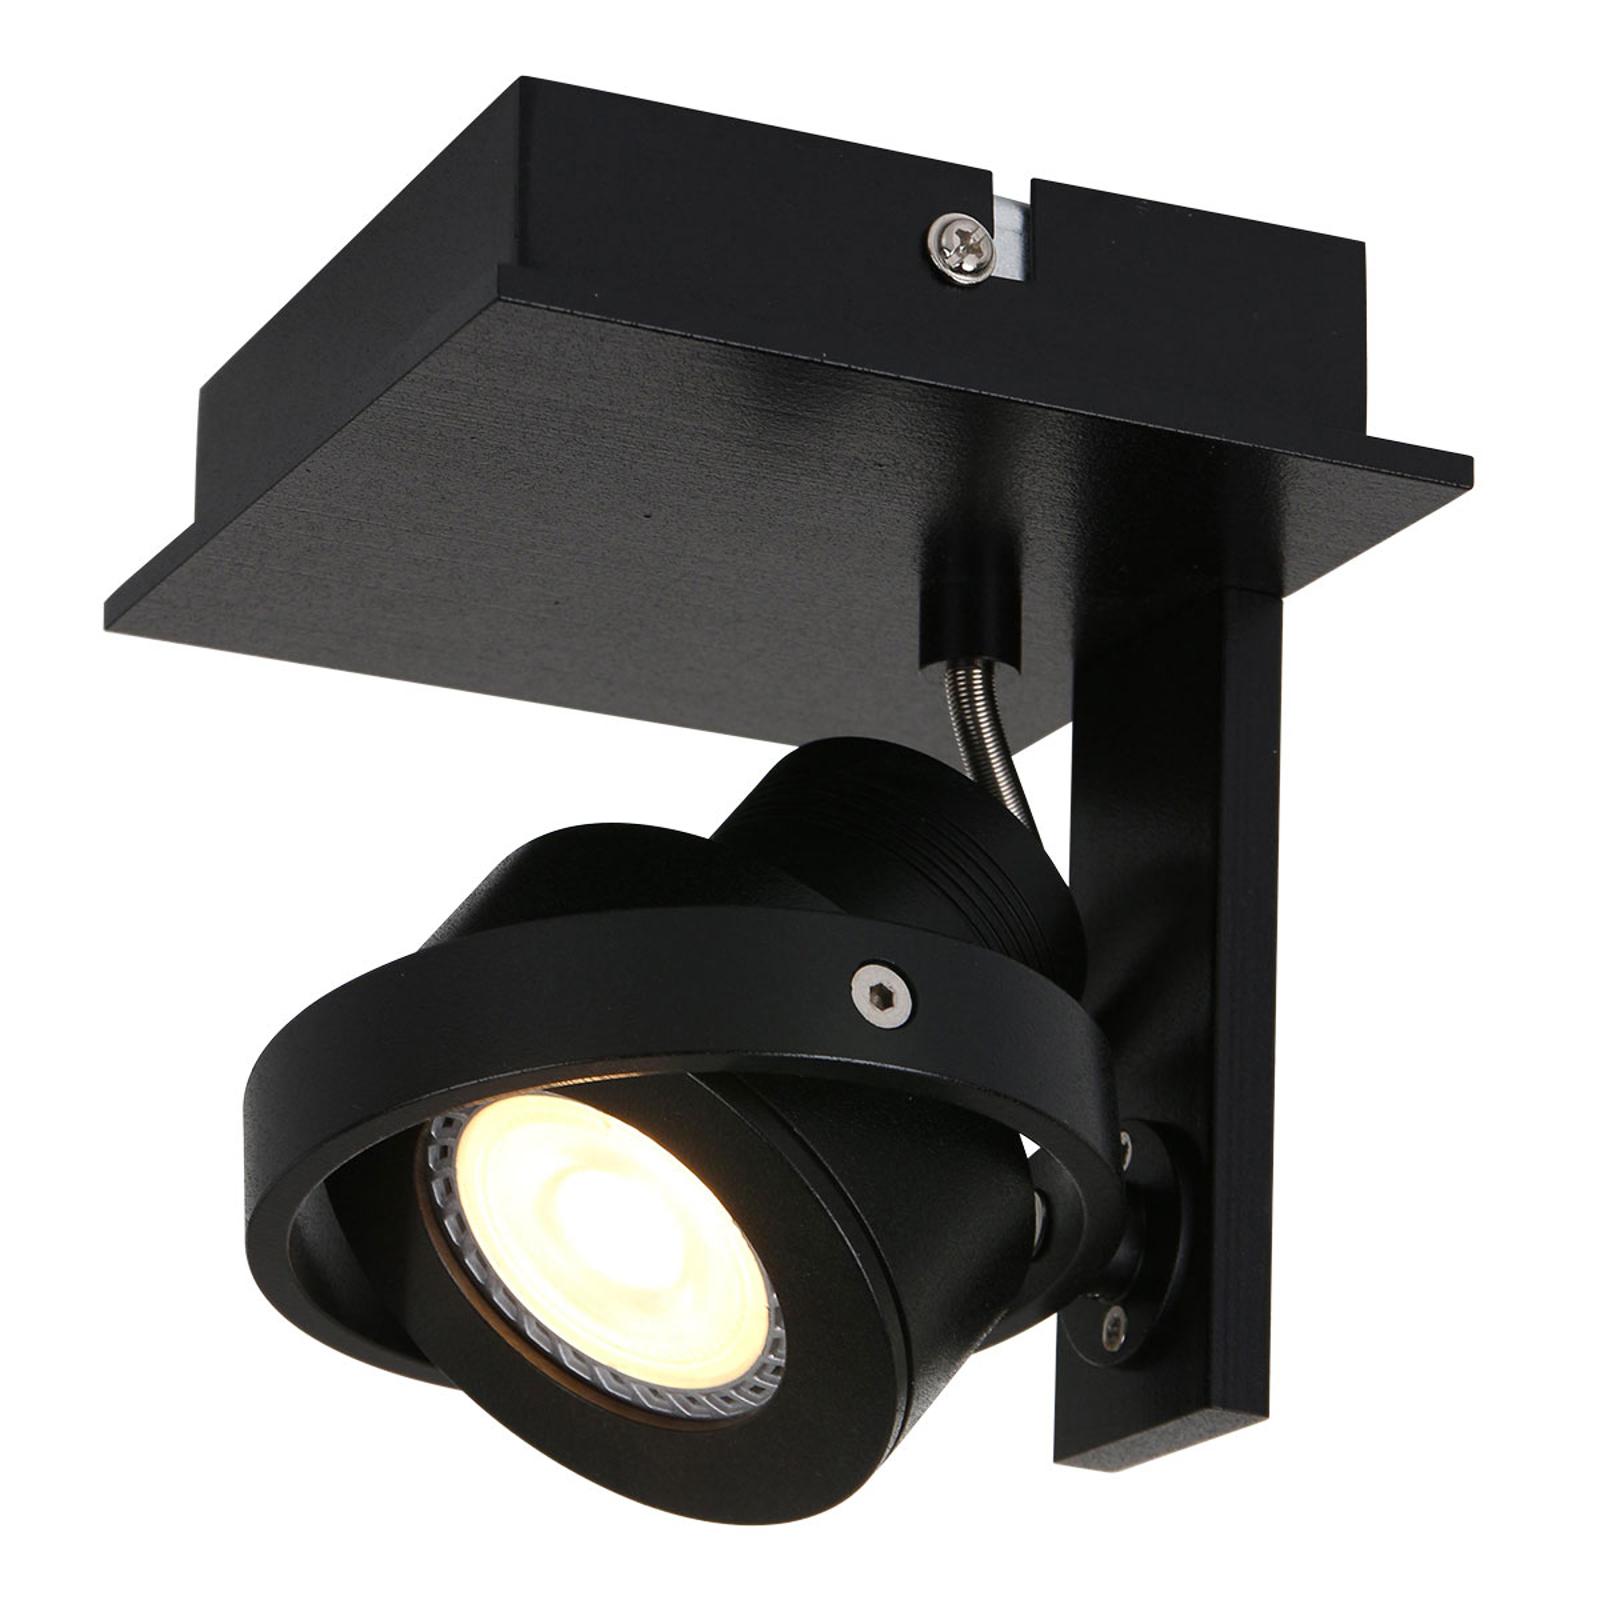 Reflektor ścienny LED Westpoint 1-punktowy czarny